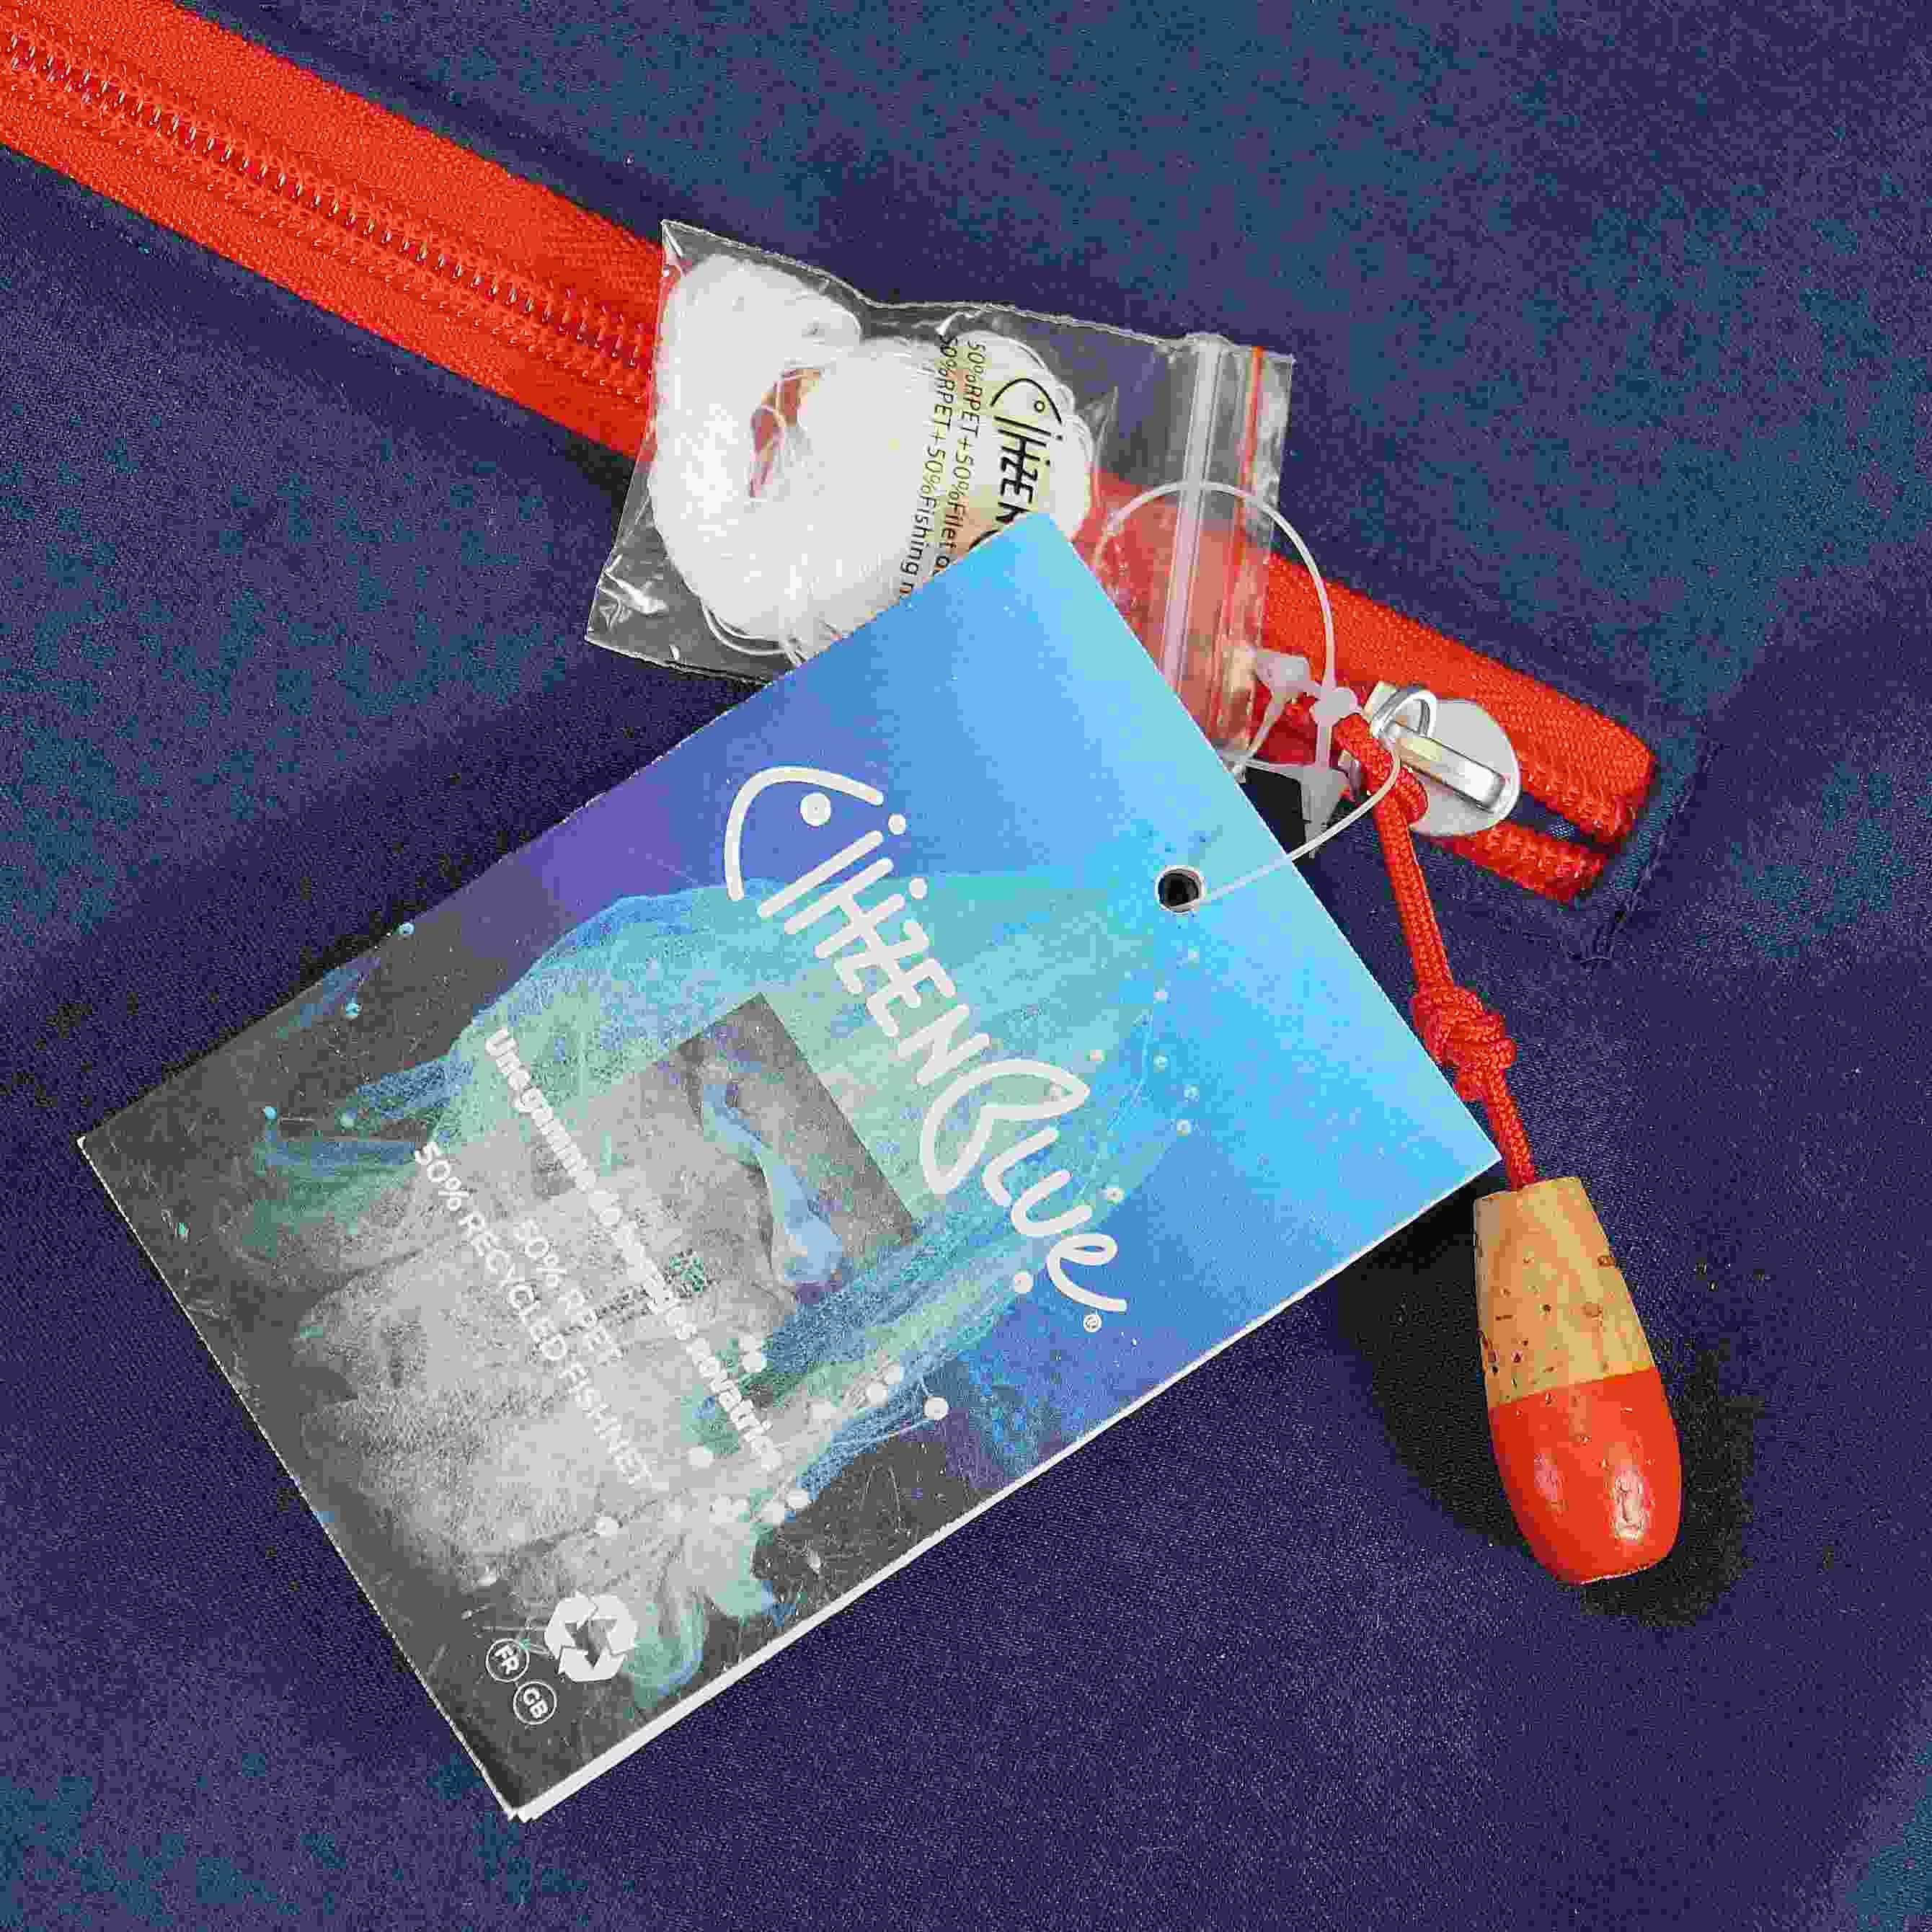 Sac week-end personnalisable écologique Citizenblue bleu - sac de voyage personnalisé